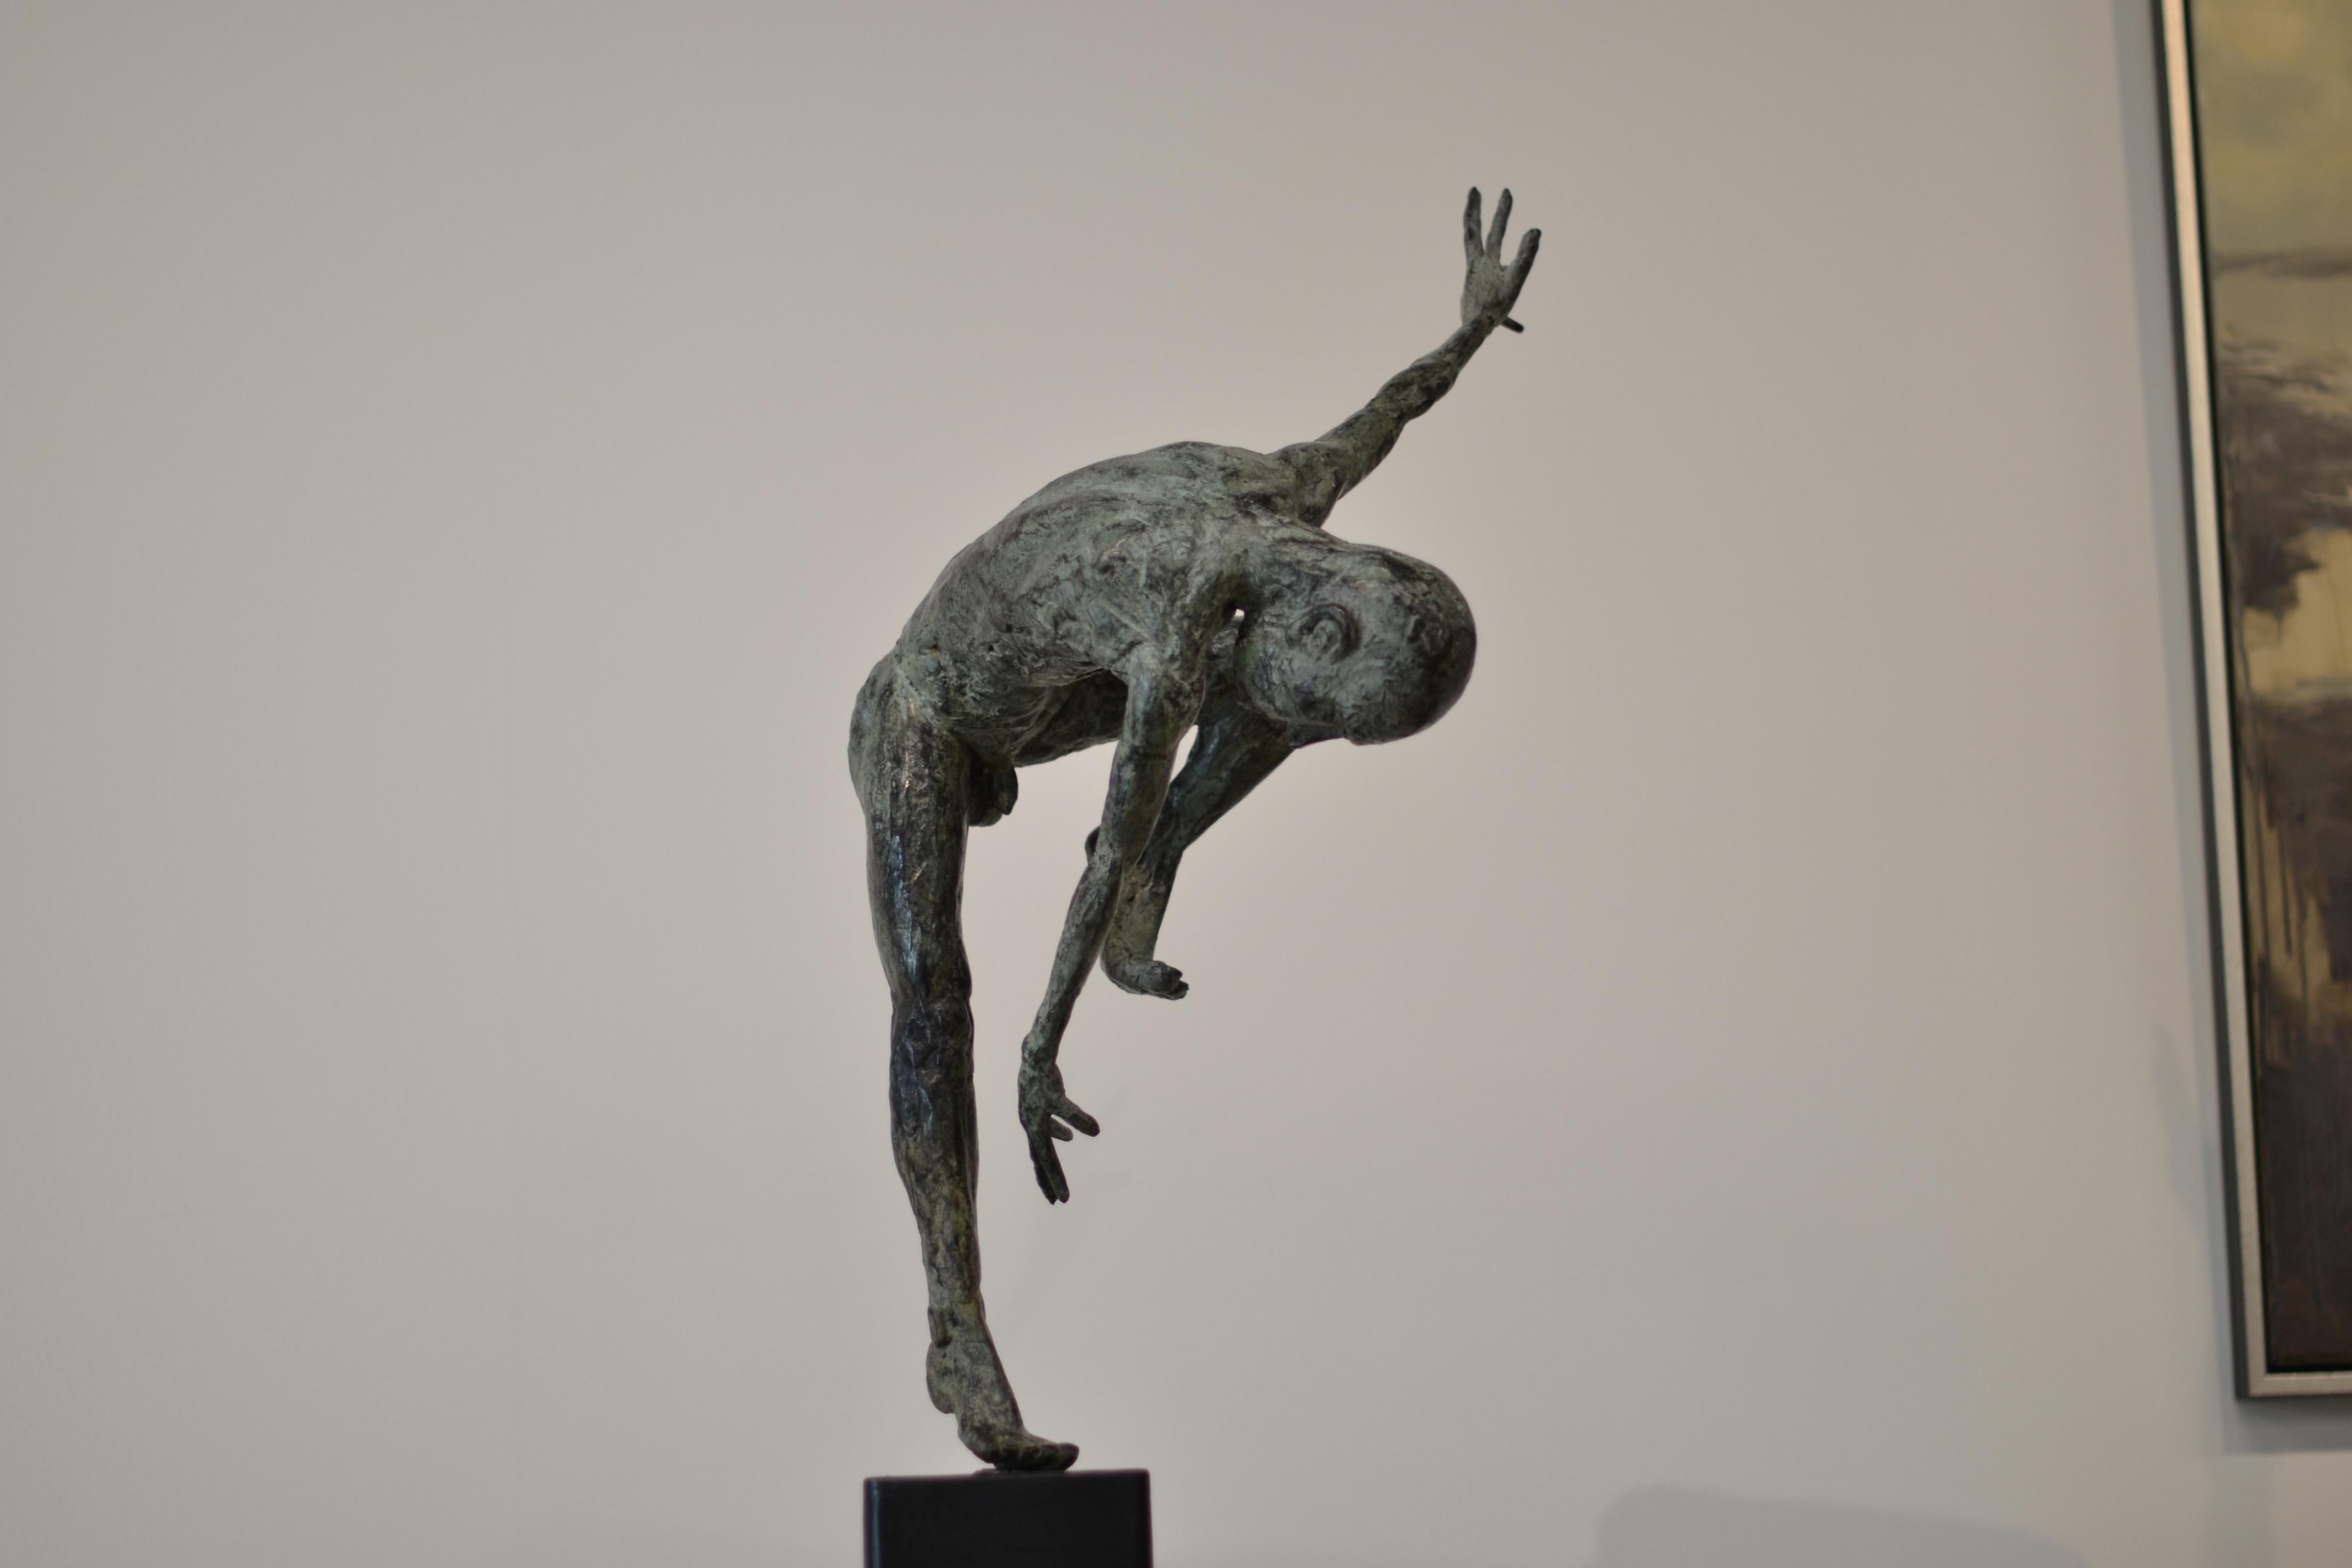 Dancer Satier - Martijn Soontiens, 21st Century Contemporary Sculpture